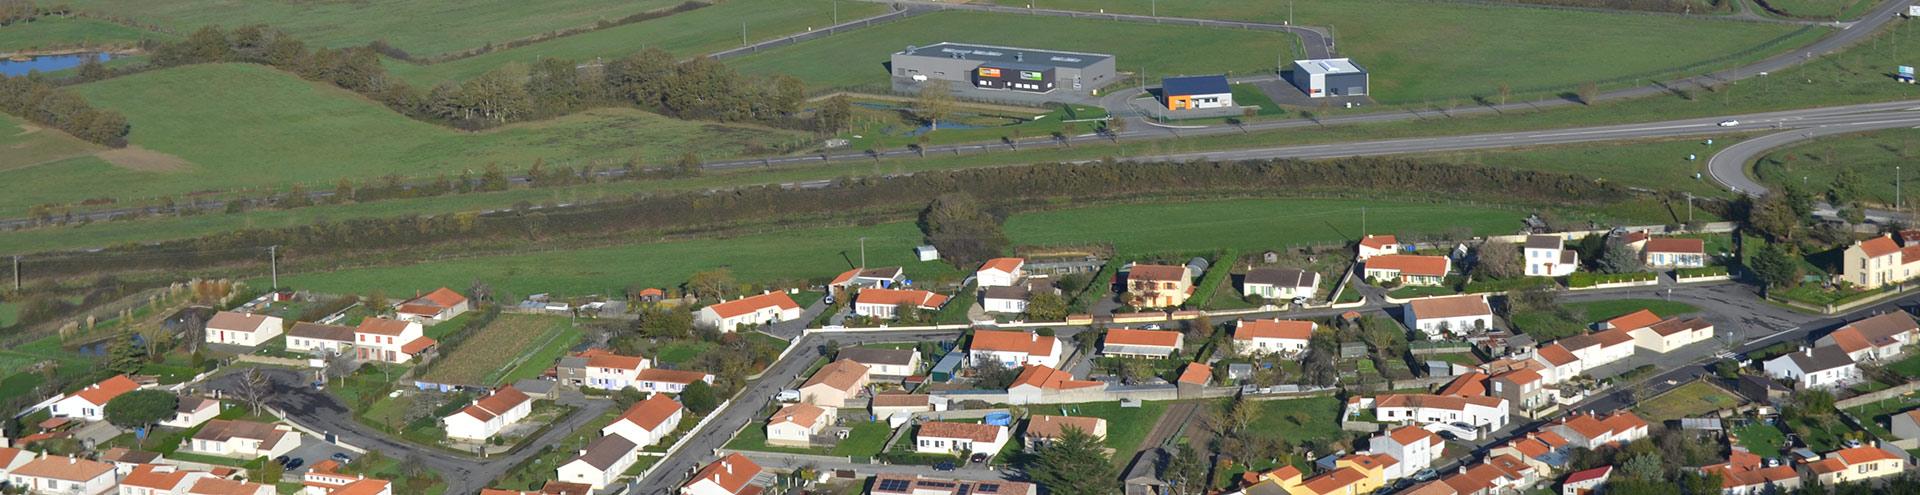 La Marne Commune 44270 Machecoul Sud Retz Atlantique